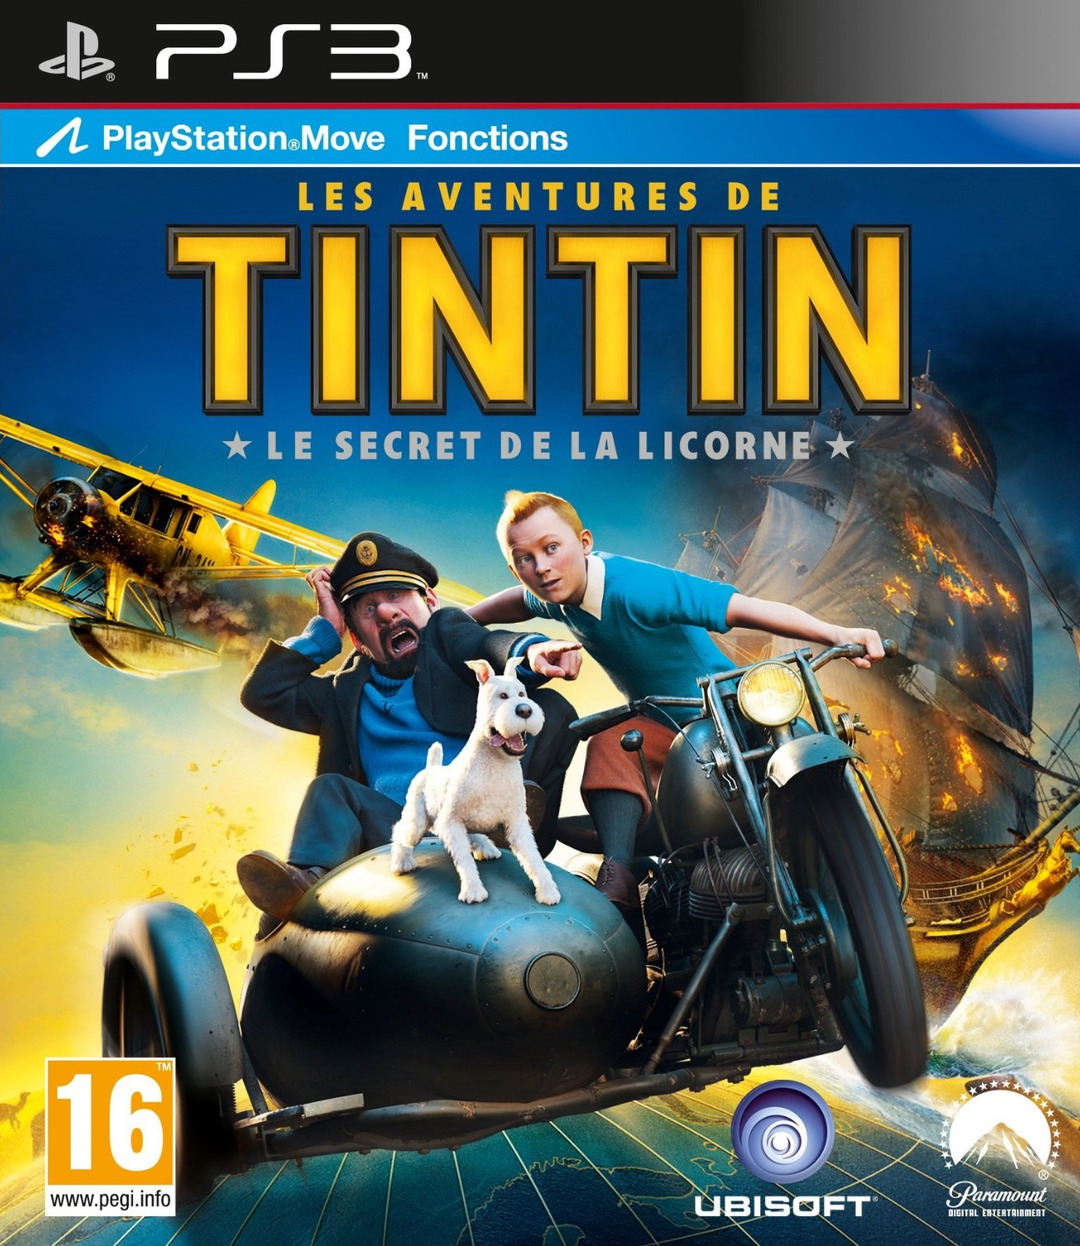 Sauras-tu trouver la suite? Jaquette-les-aventures-de-tintin-le-secret-de-la-licorne-playstation-3-ps3-cover-avant-g-1316439281